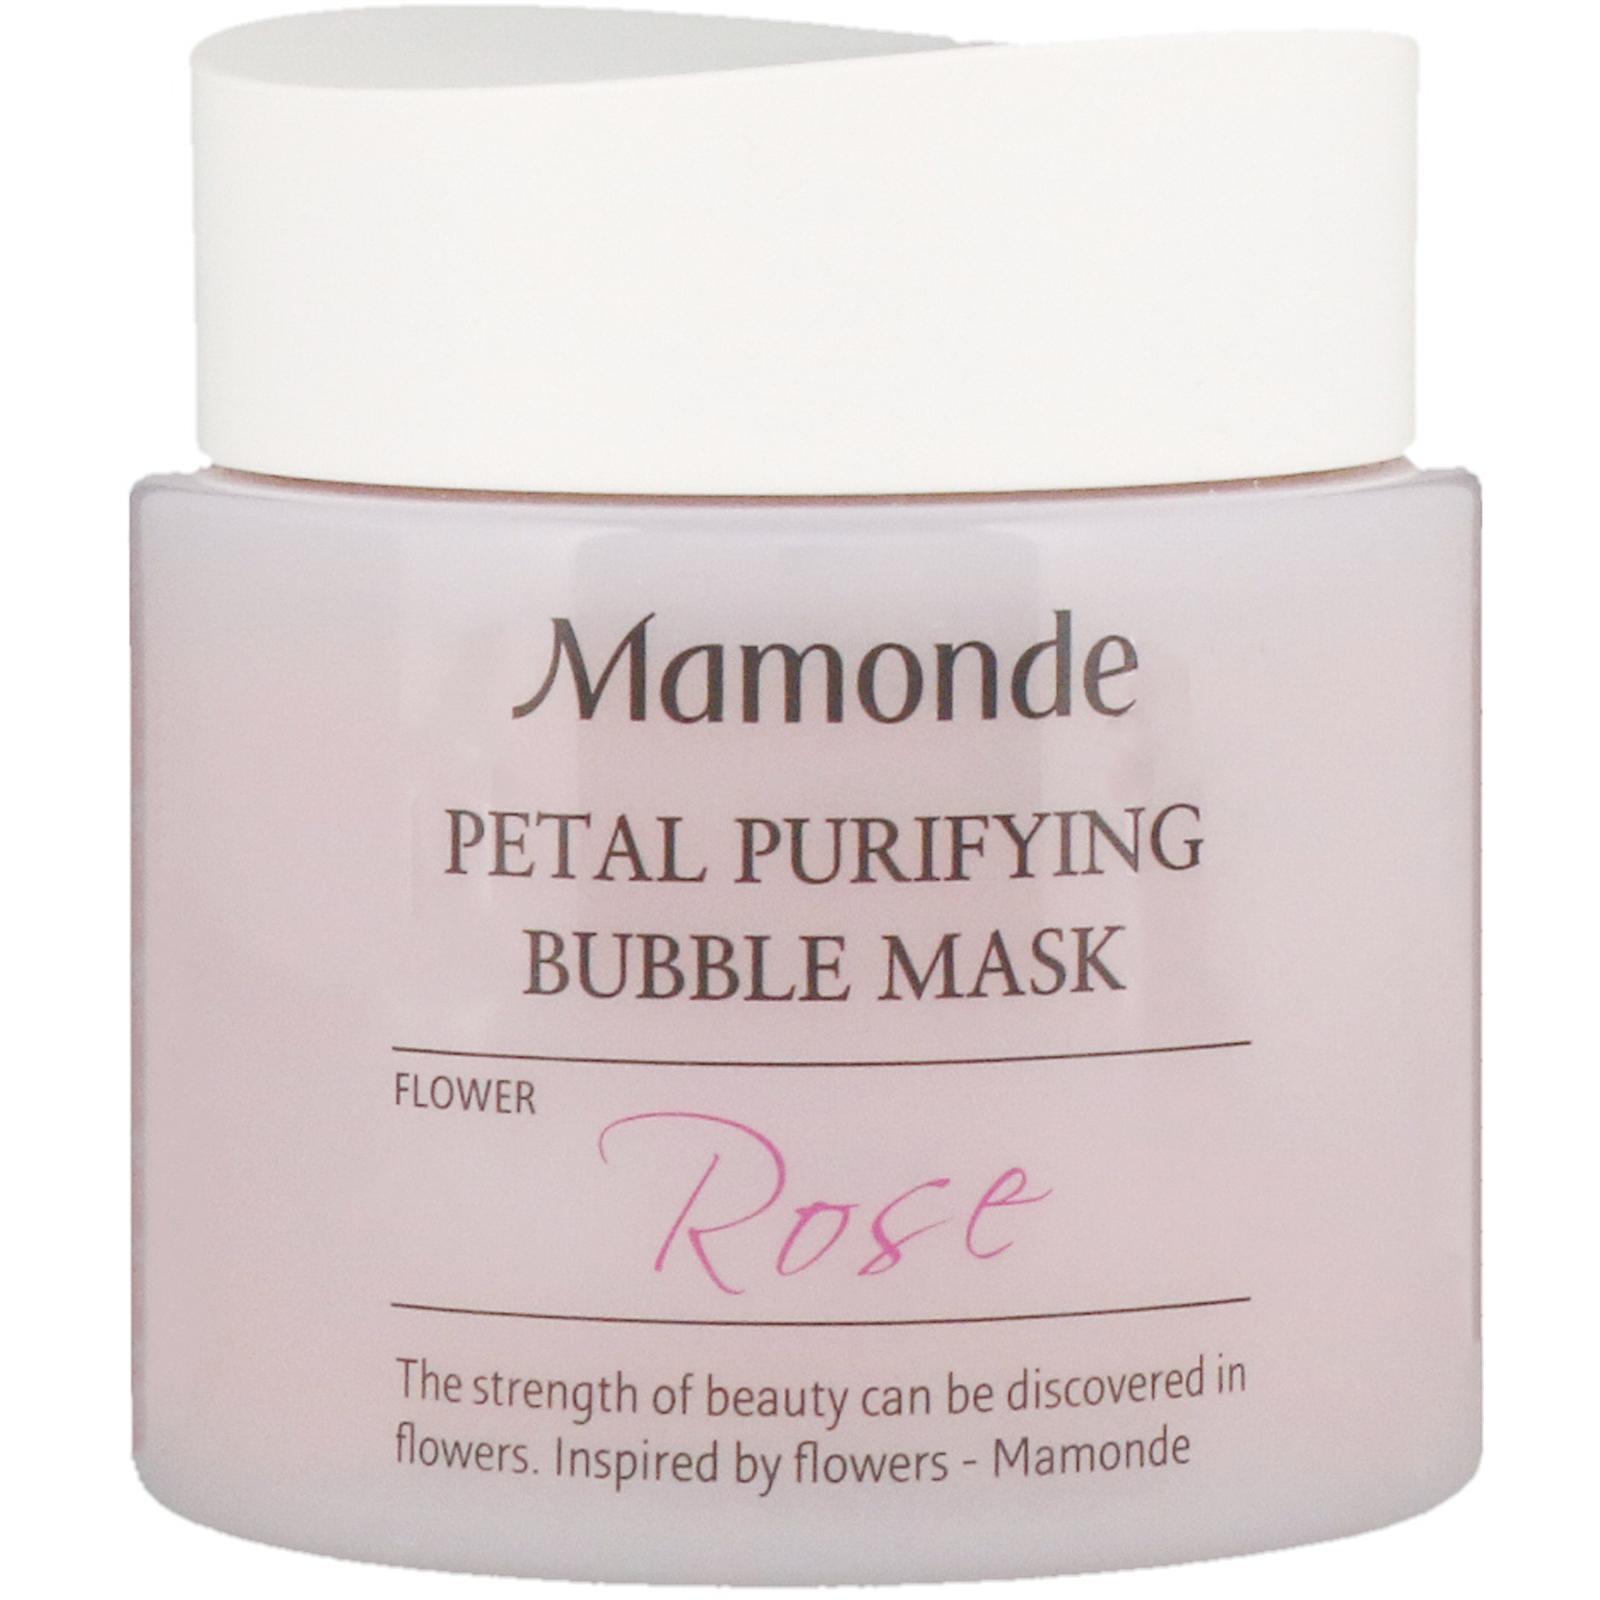 Petal Purifying Bubble Mask by Mamonde #3